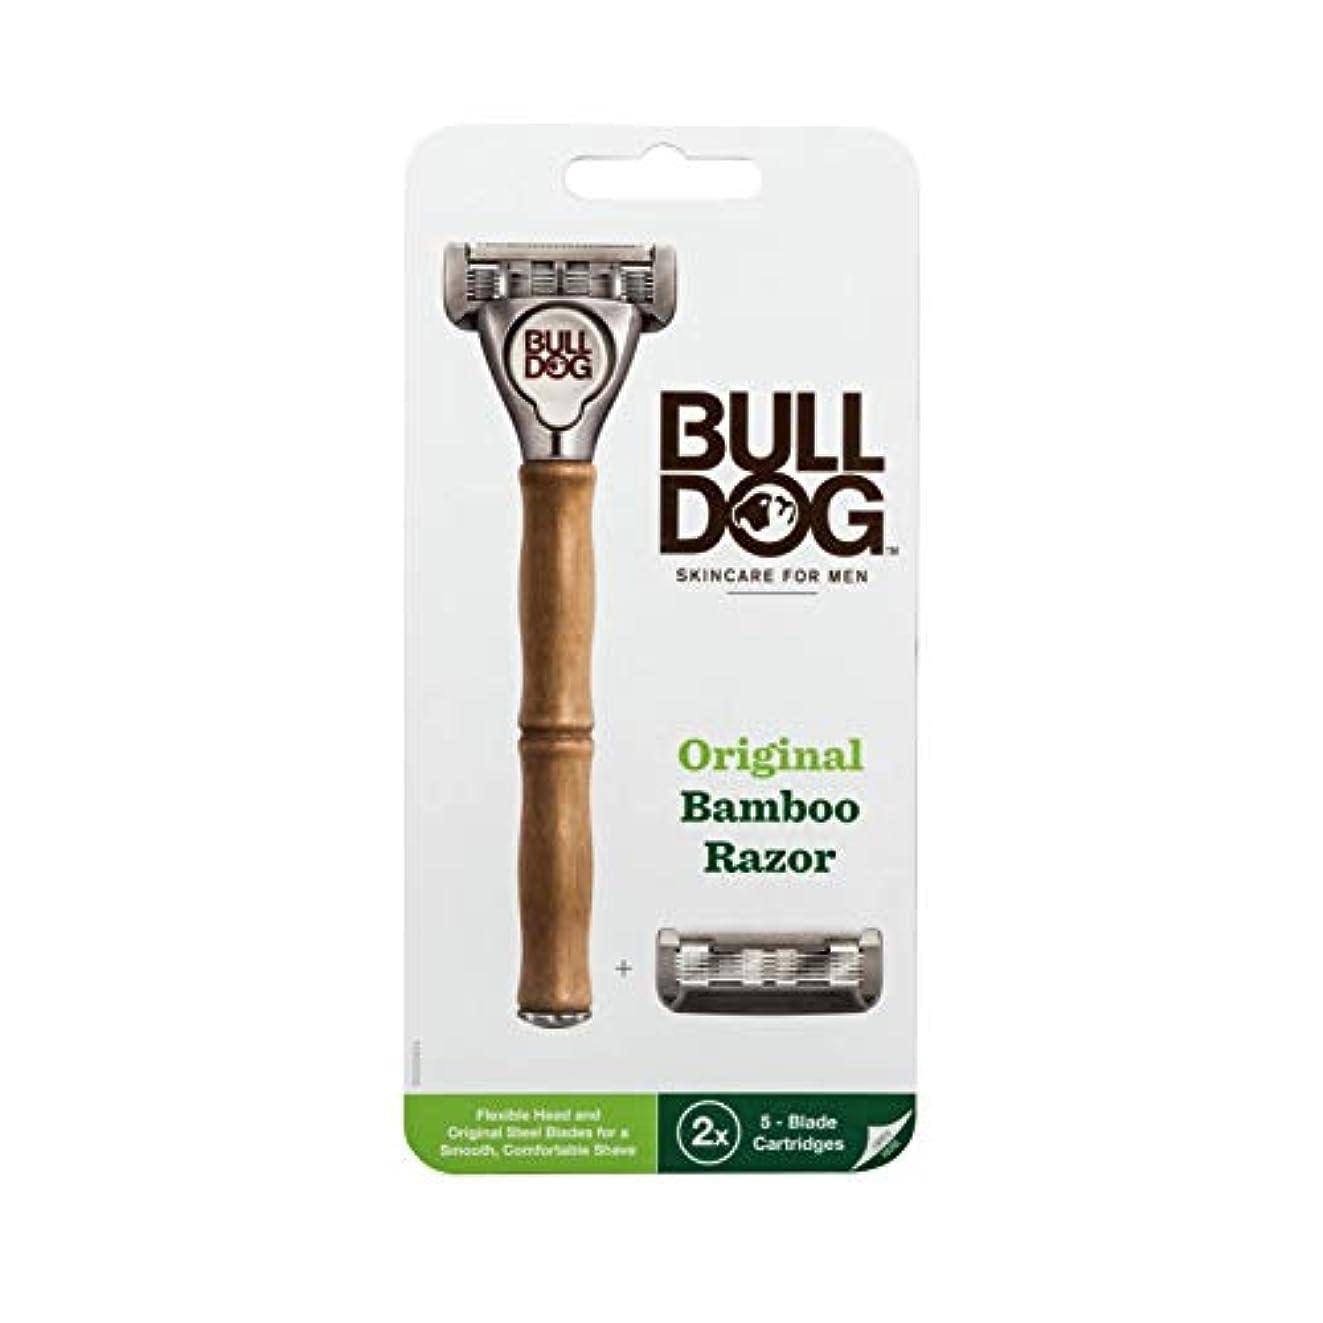 カスタム間違いなく飛躍Bulldog(ブルドッグ) ブルドッグ Bulldog 5枚刃 オリジナルバンブーホルダー 水に強い竹製ハンドル 替刃 2コ付 男性カミソリ ホルダー(1本)、替刃2コ付き(内1コ本体装着済み)